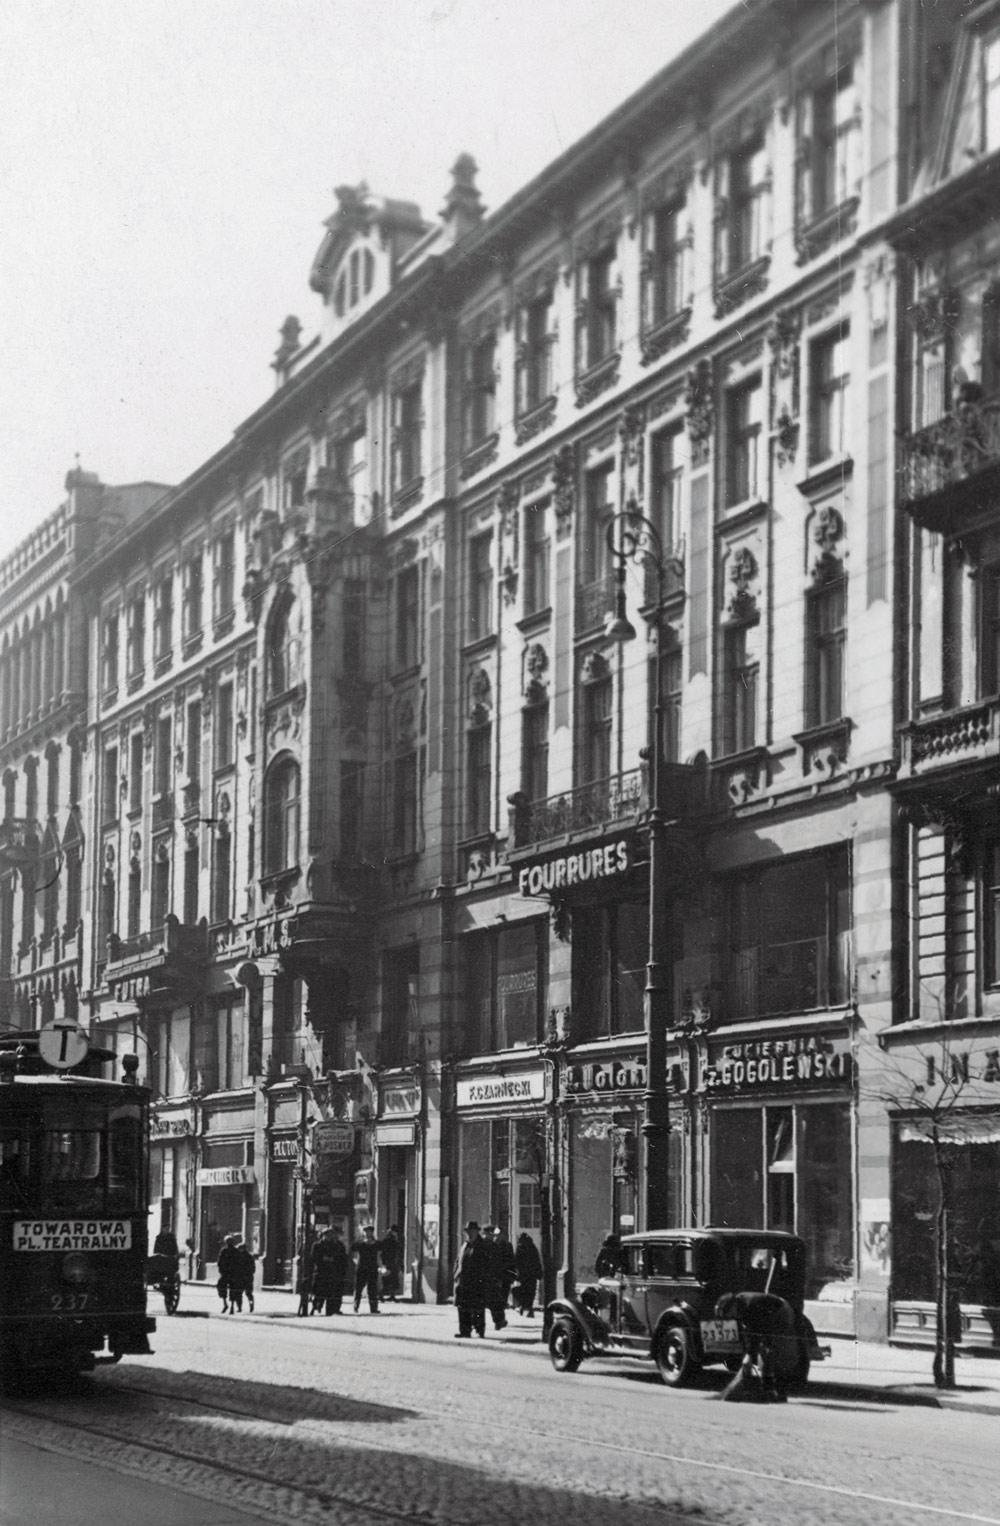 Fragment domu przy Marszałkowskiej 127, Marszałkowska 129, fragment domu numer 131, około 1937 roku. Fot. Archiwum Państwowe w Warszawie / Referat Gabarytów